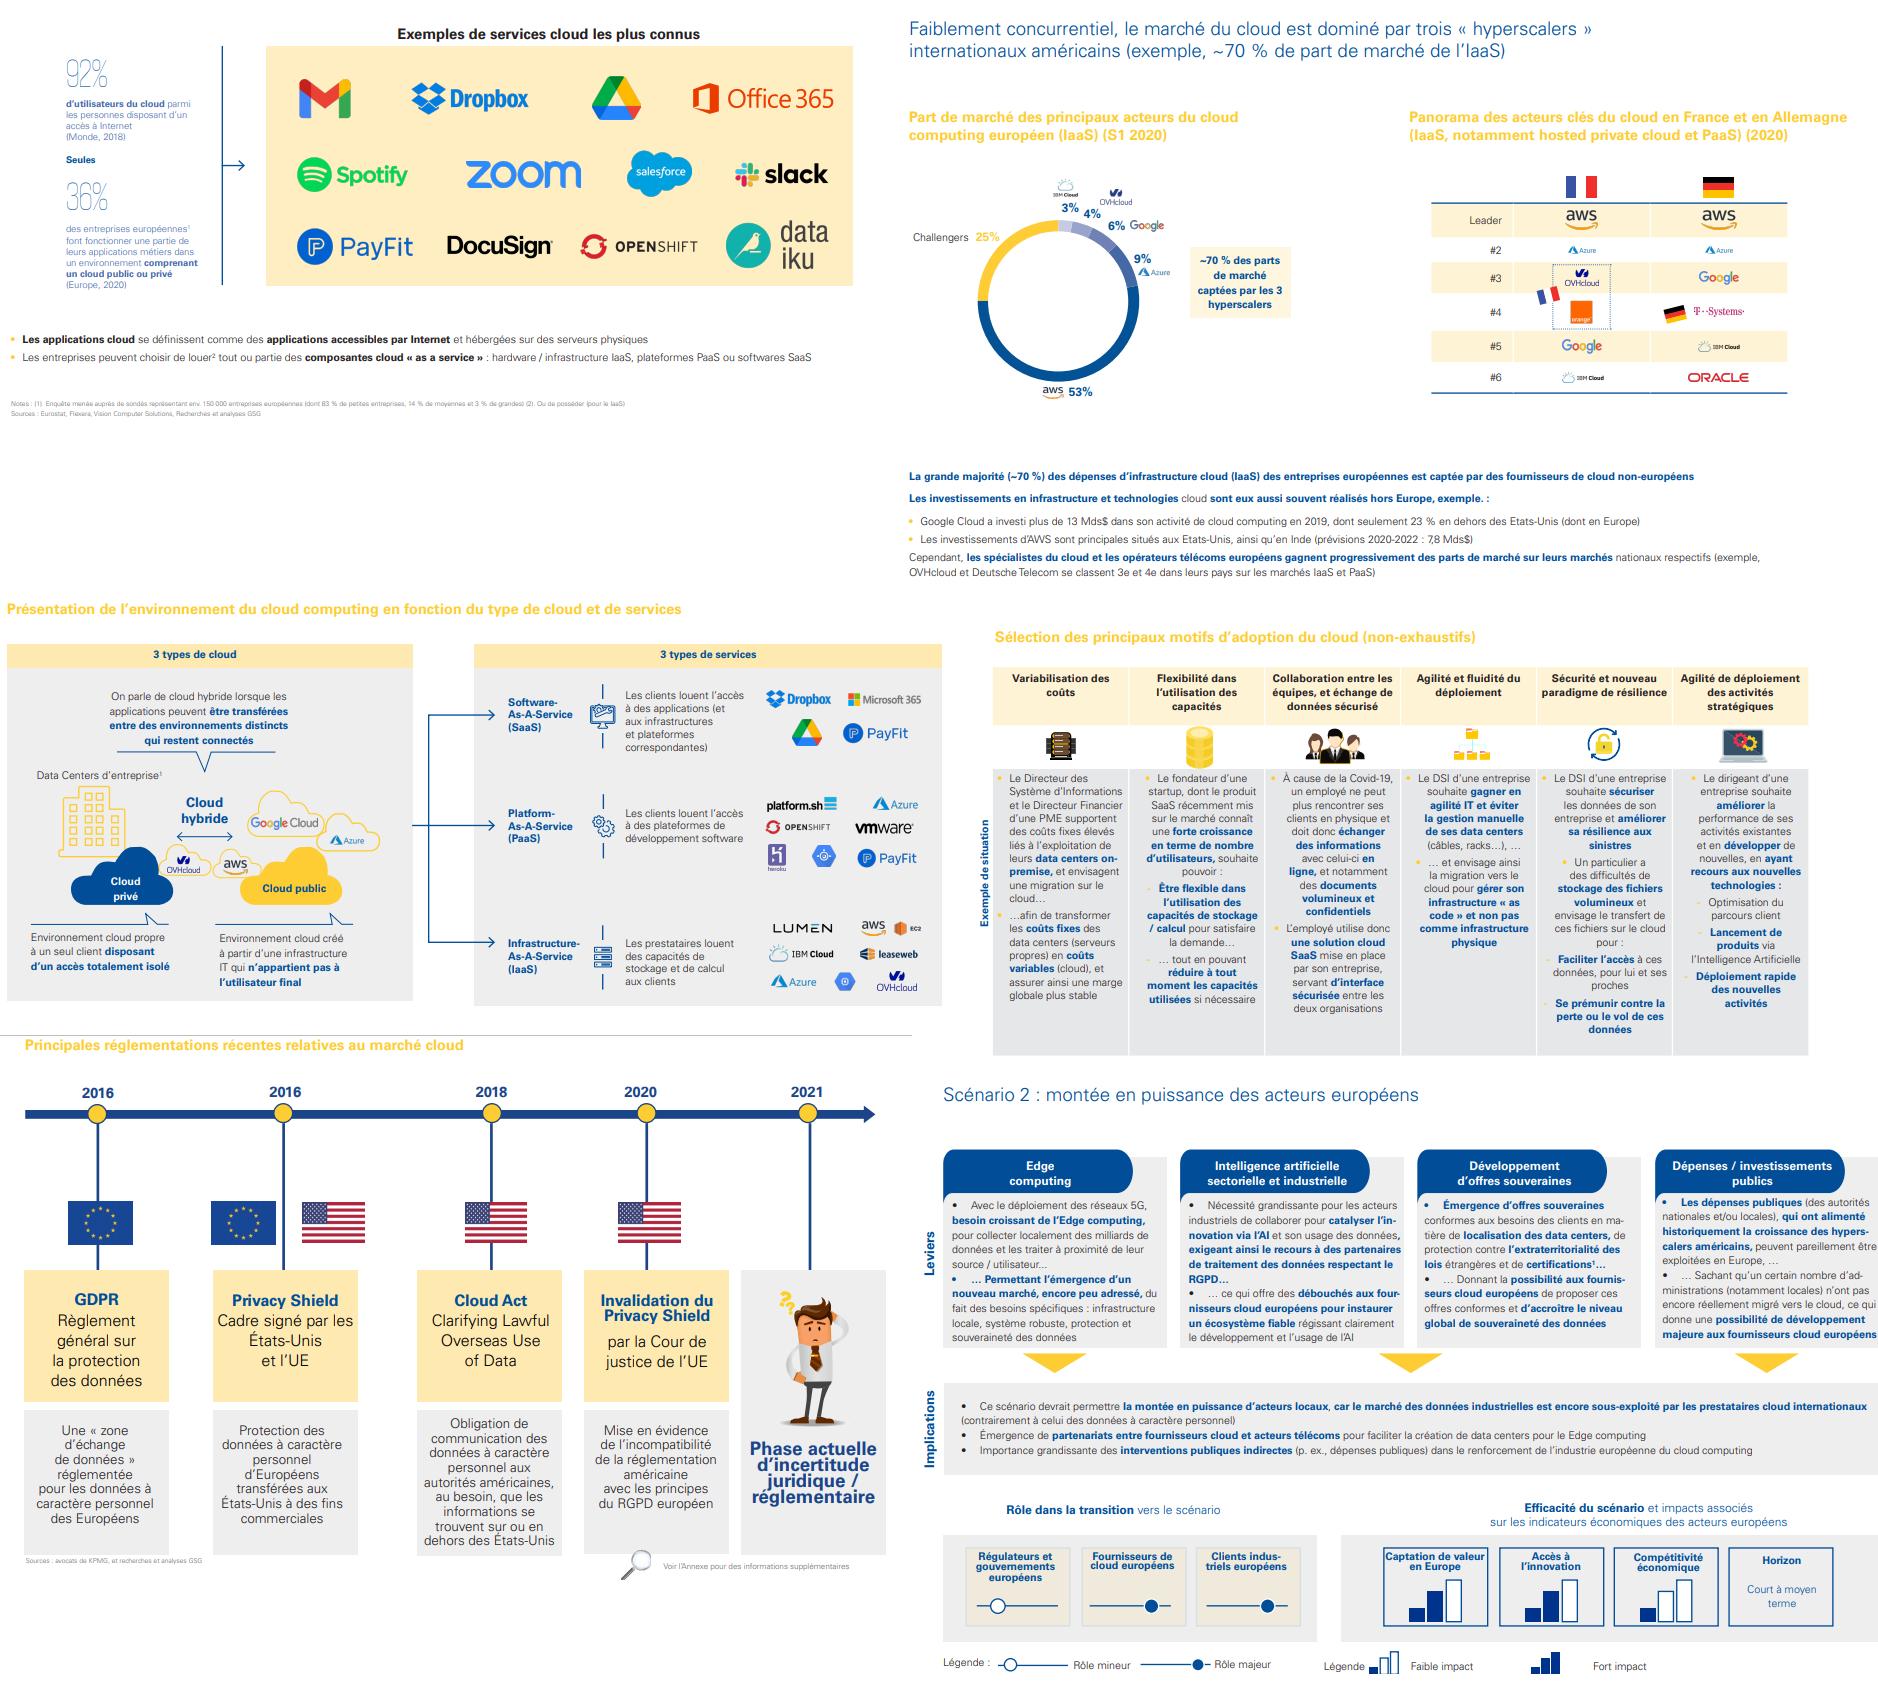 Rapport sur le cloud en Europe, les schémas clés